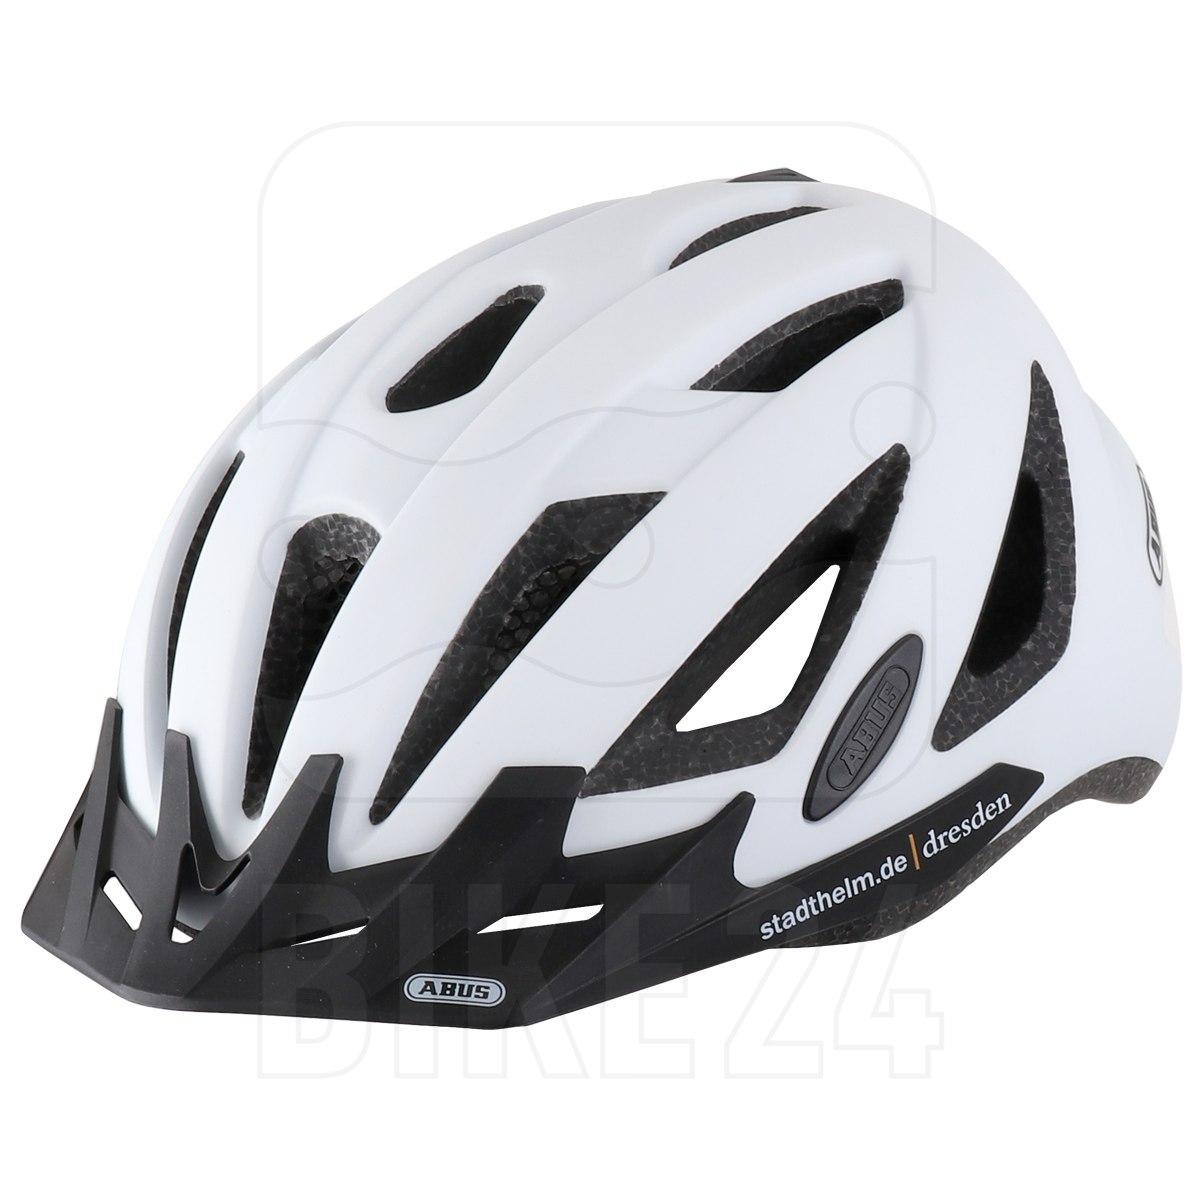 ABUS Stadthelm Urban-I 2.0 Dresden Helmet - white